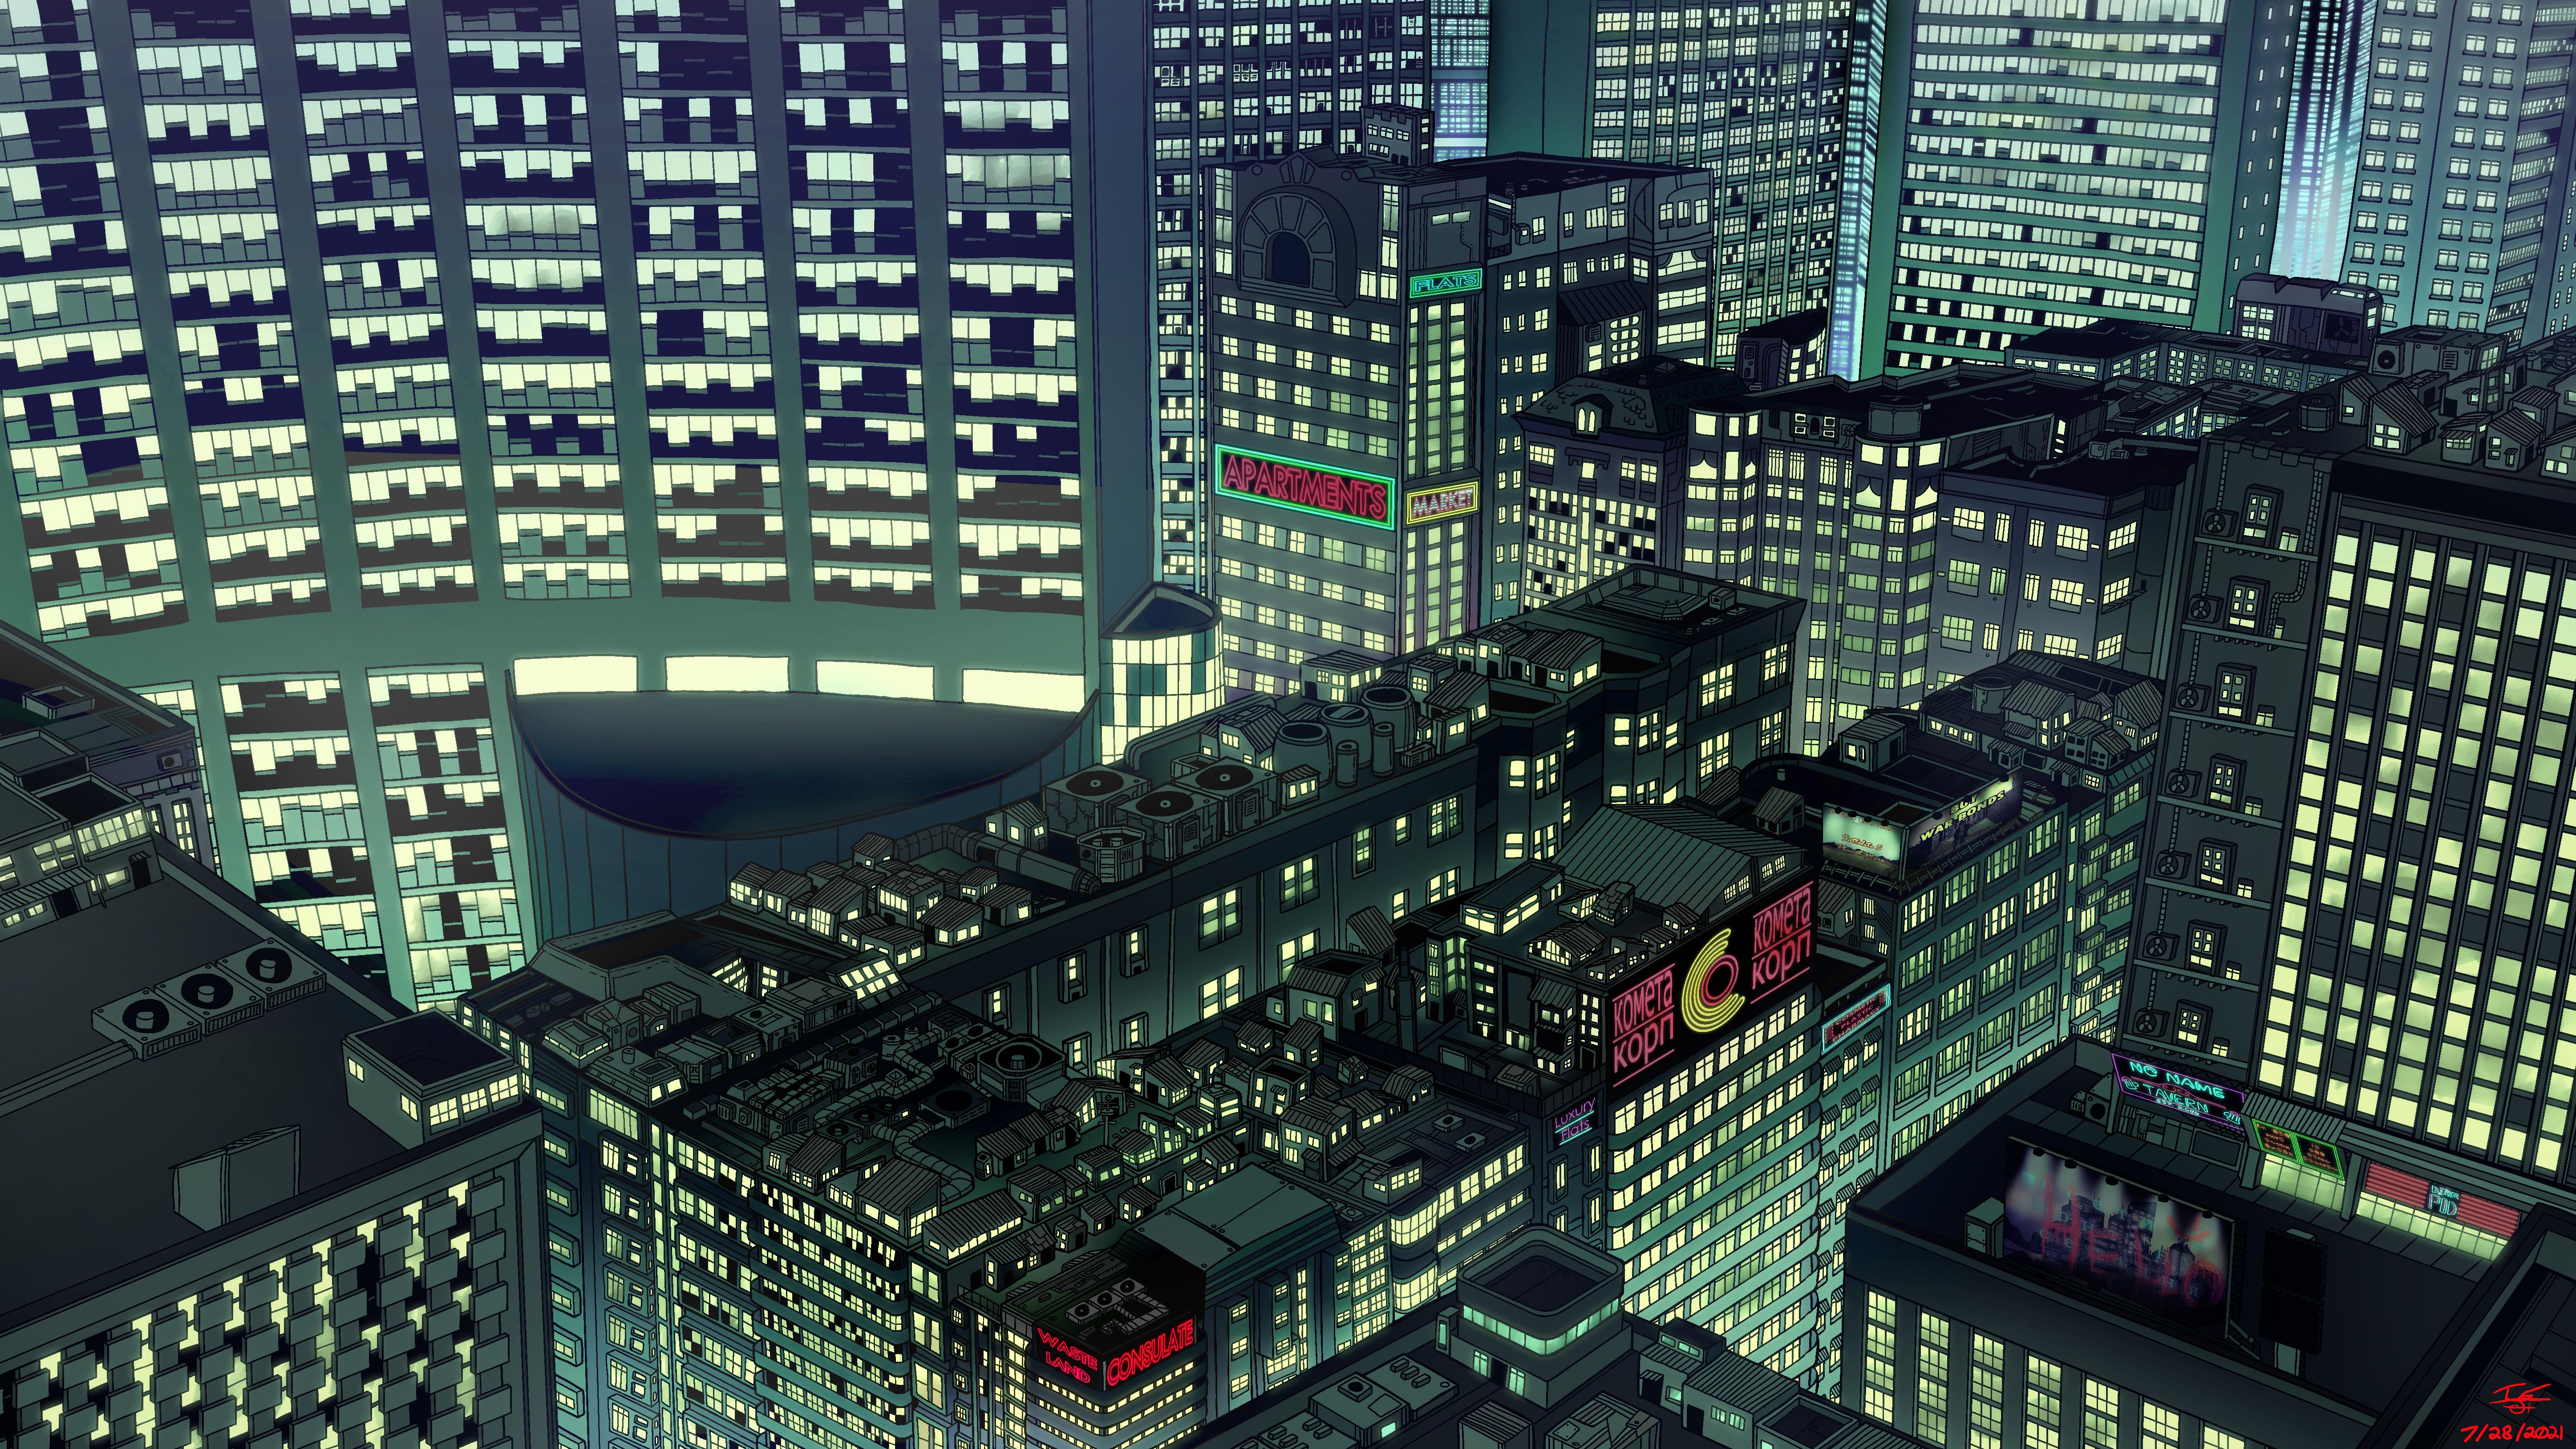 New Wall City